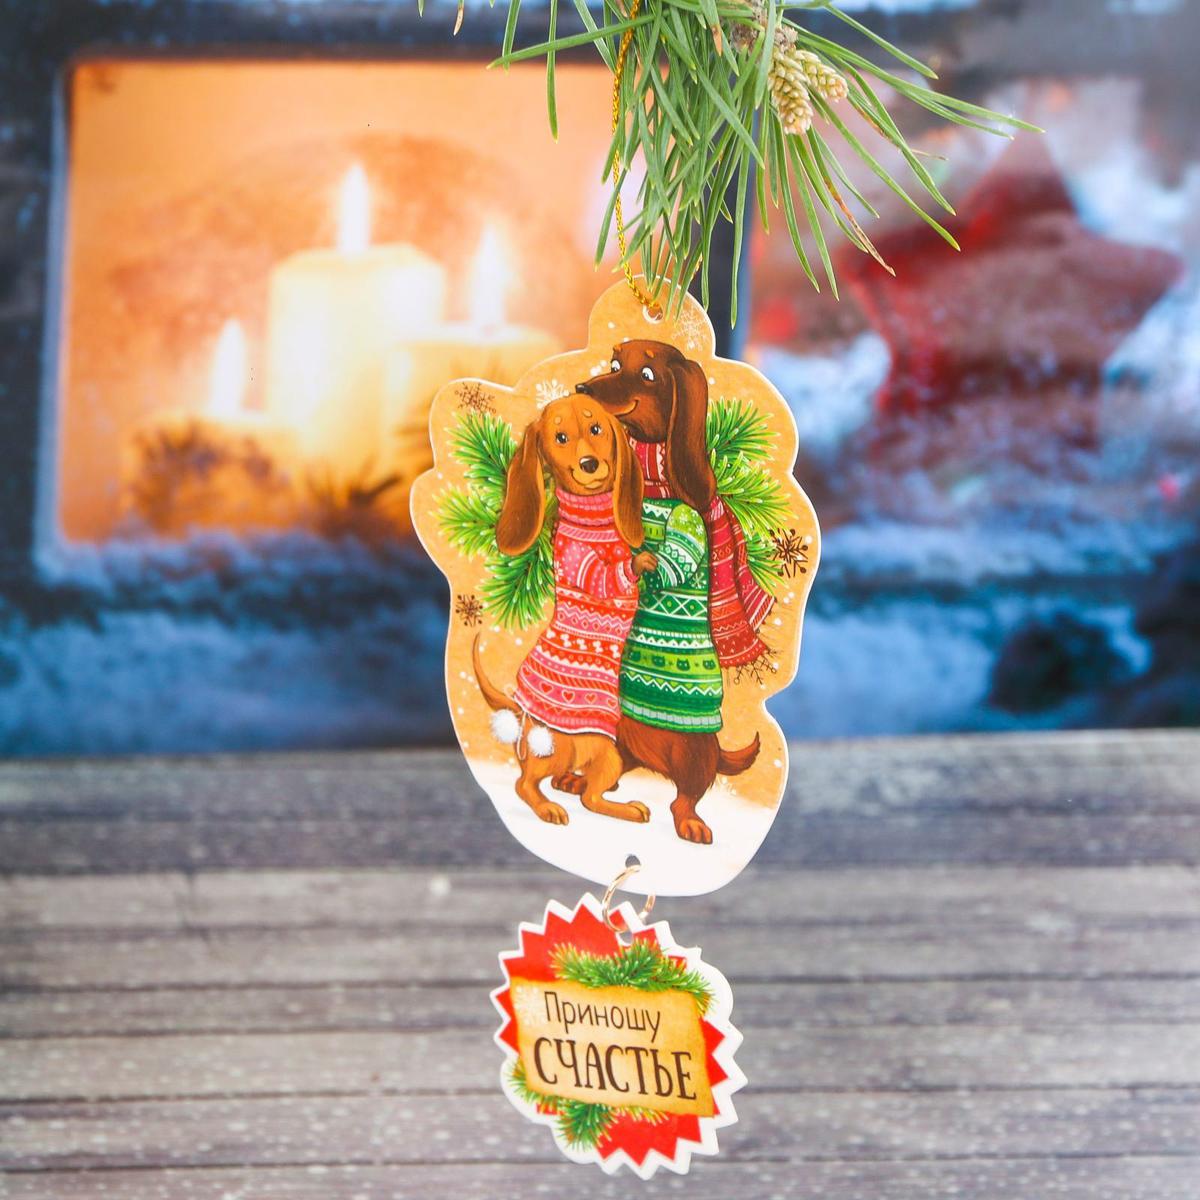 Набор новогодних подвесных украшений Sima-land Парочка, 6,5 х 9,2 см, 2 шт2268140Набор новогодних подвесных украшений Sima-land отлично подойдет для декорации вашего дома и новогодней ели. С помощью специальной петельки украшение можно повесить в любом понравившемся вам месте. Но, конечно, удачнее всего оно будет смотреться на праздничной елке. Елочная игрушка - символ Нового года. Она несет в себе волшебство и красоту праздника. Создайте в своем доме атмосферу веселья и радости, украшая новогоднюю елку нарядными игрушками, которые будут из года в год накапливать теплоту воспоминаний.